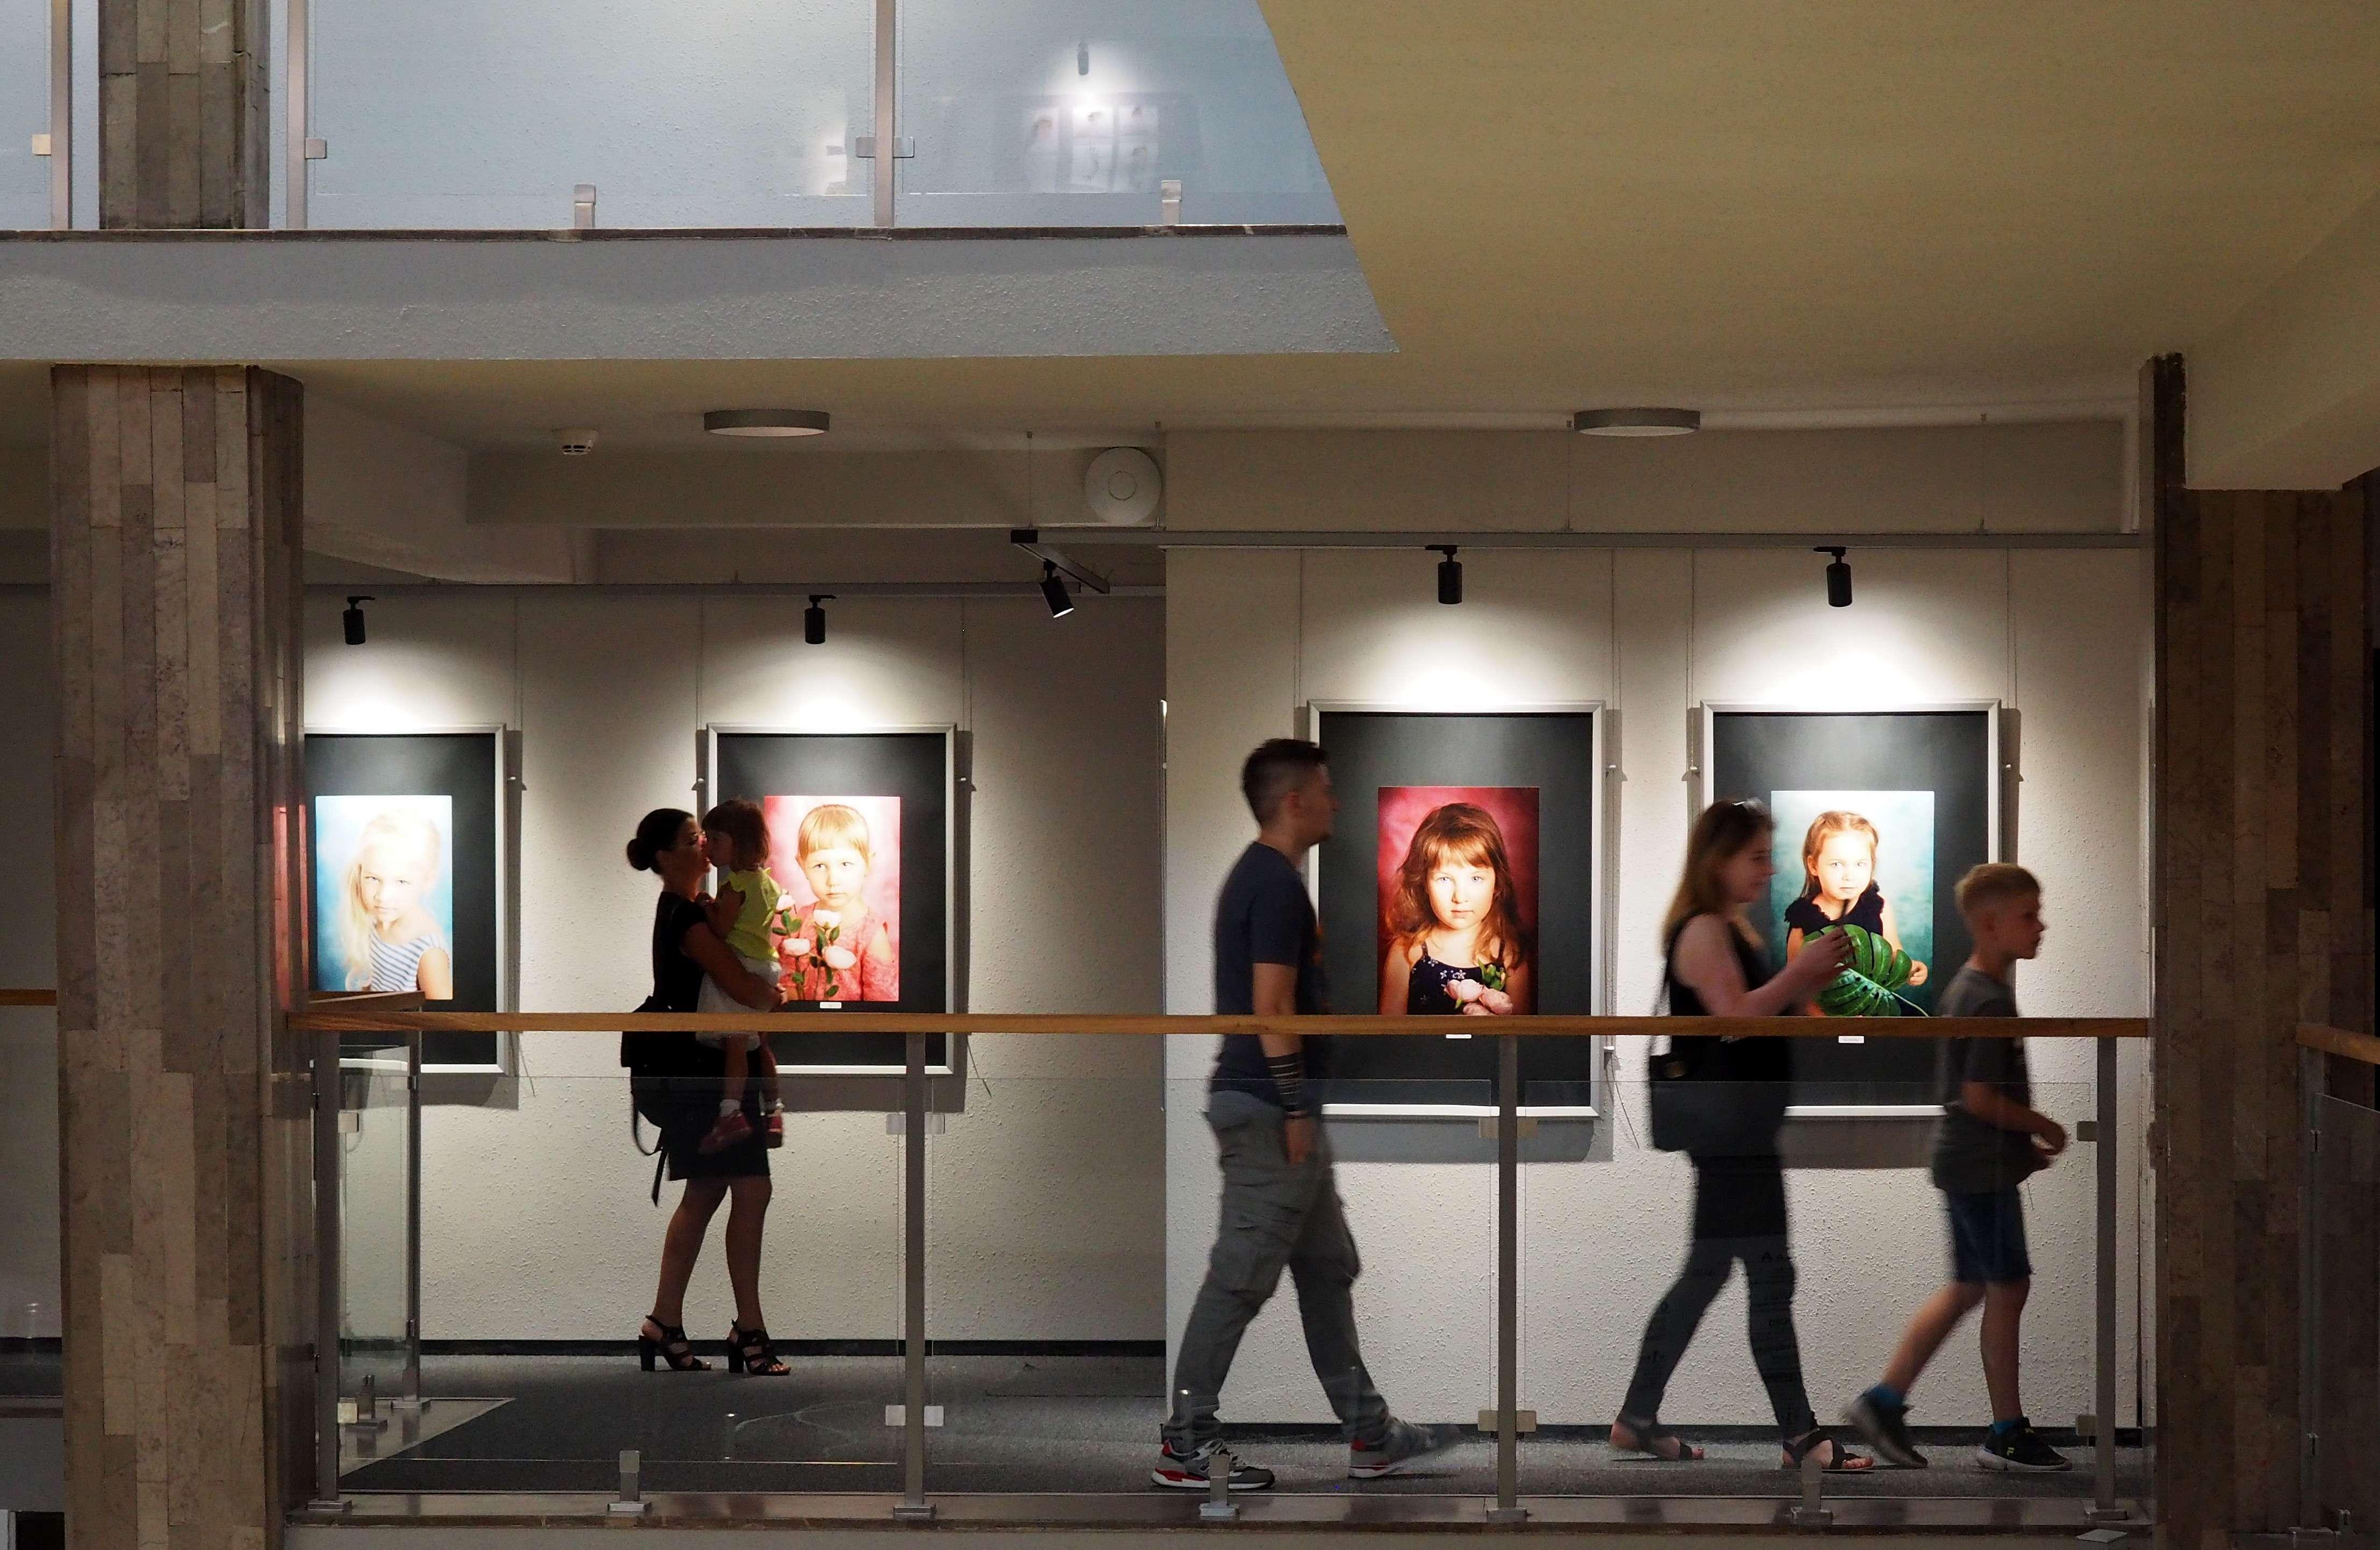 Bajkowe portrety w Światowidzie